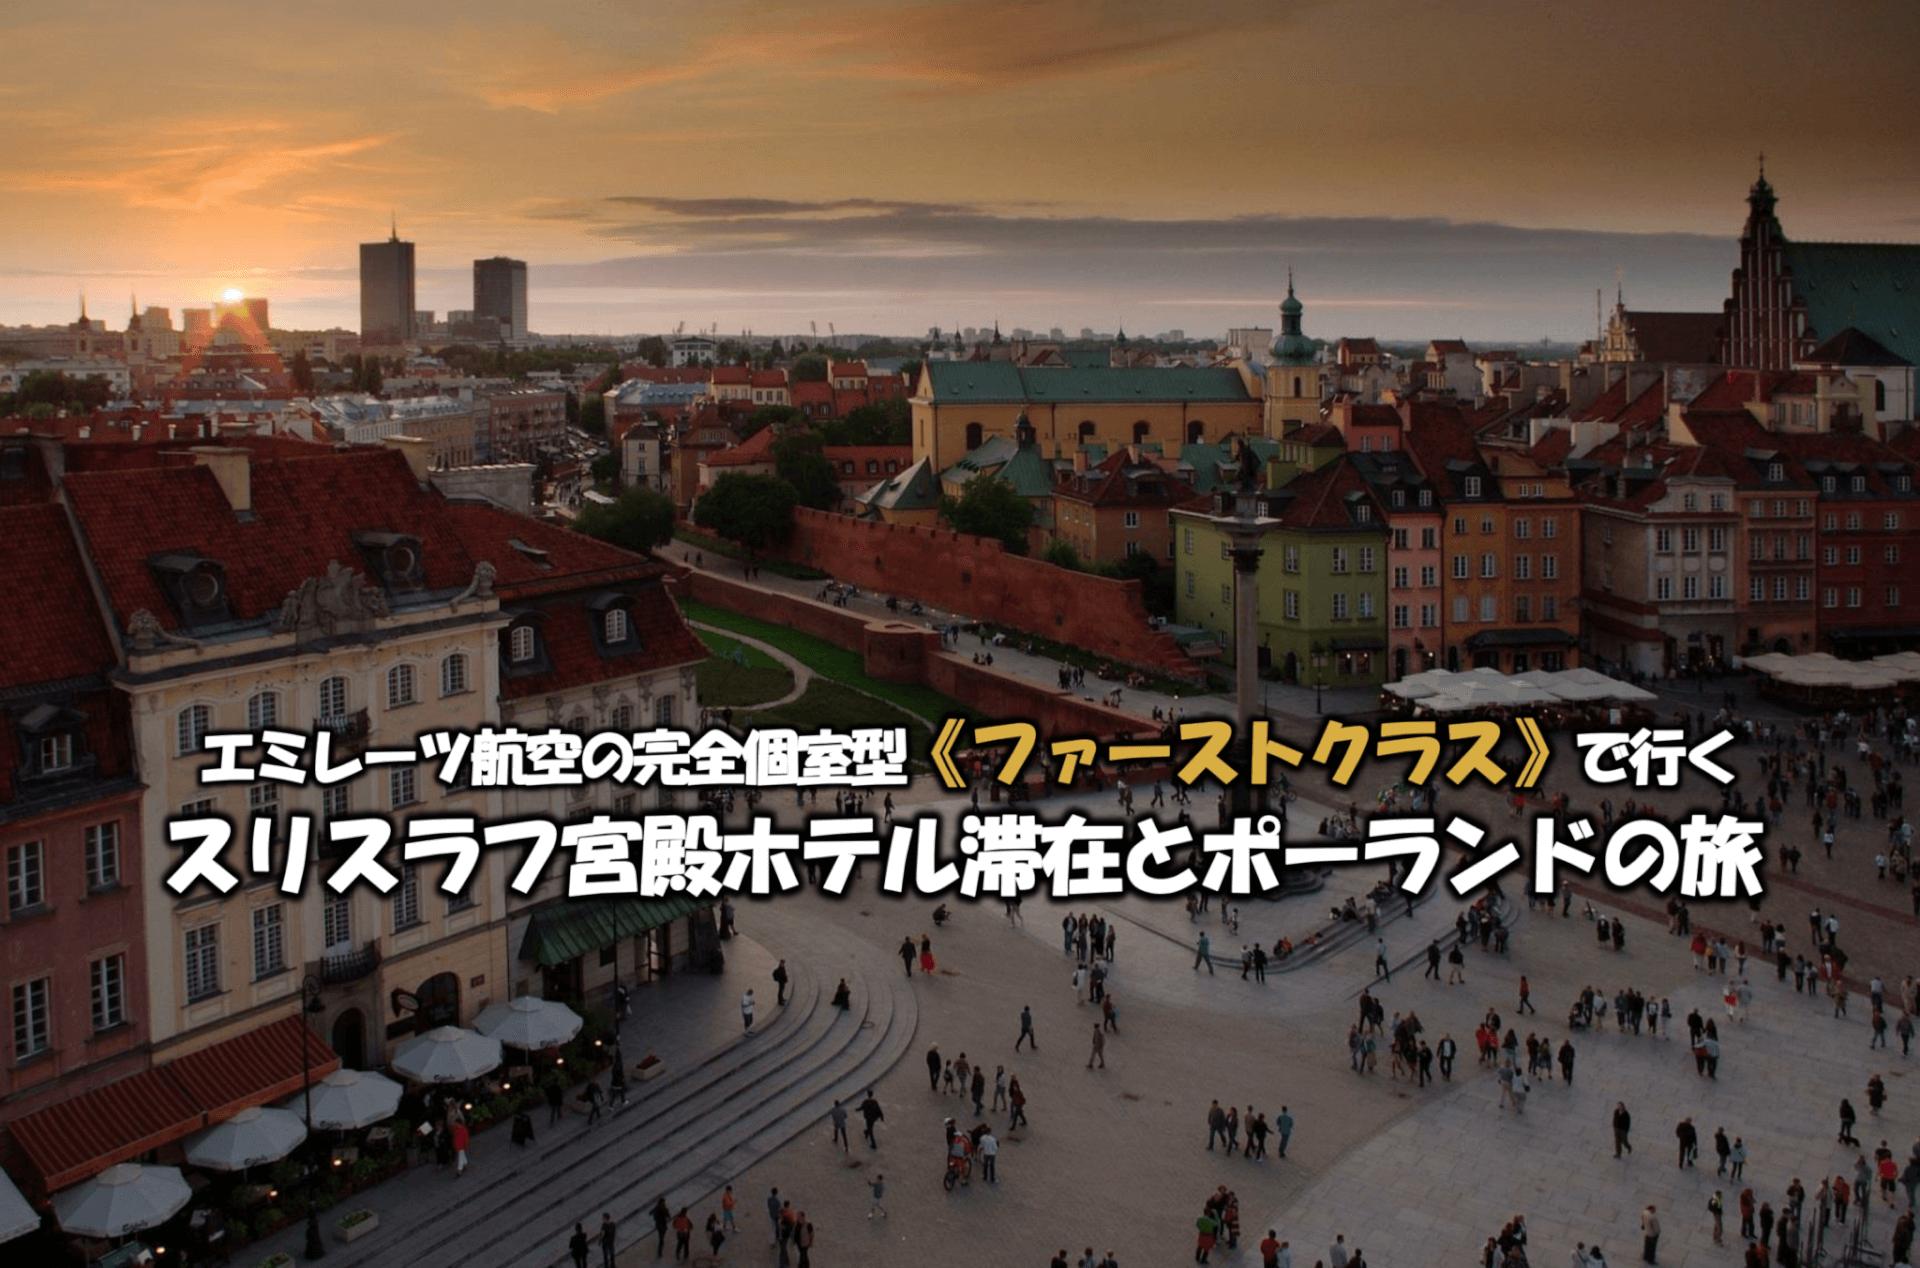 完全個室型ファーストクラスで行く スリスラフ宮殿ホテル滞在とポーランドの旅【10日間】